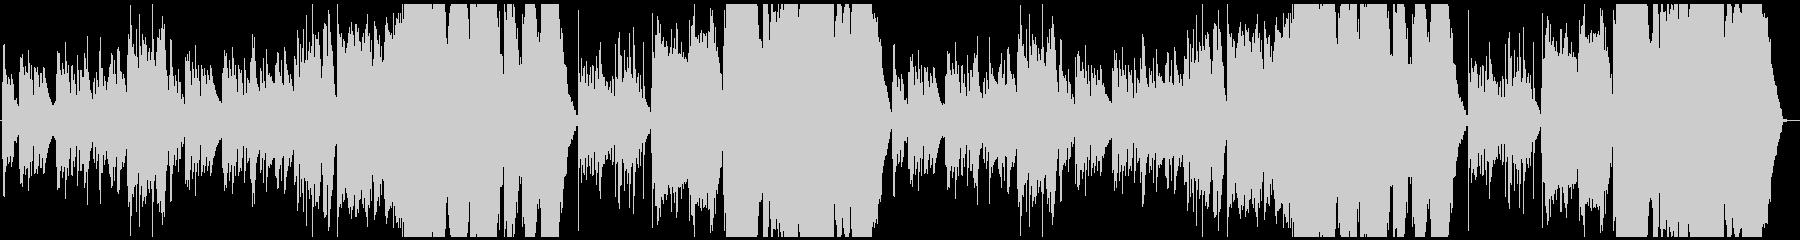 ピアノ&弦の幻想的なワルツの未再生の波形